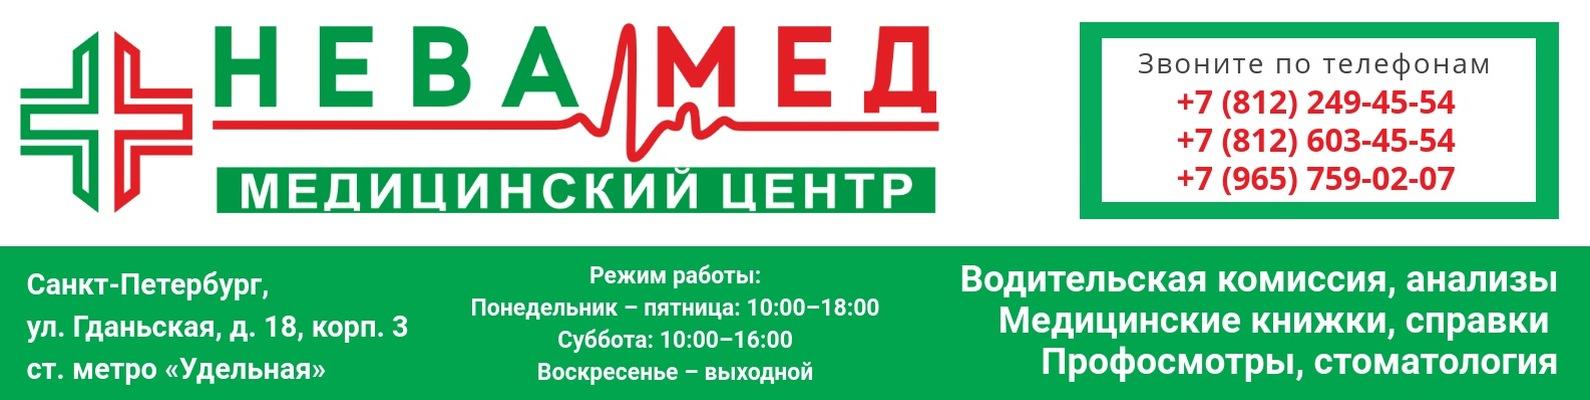 Медицинские центры в Москве Метрогородок оформляющие медицинские книжки